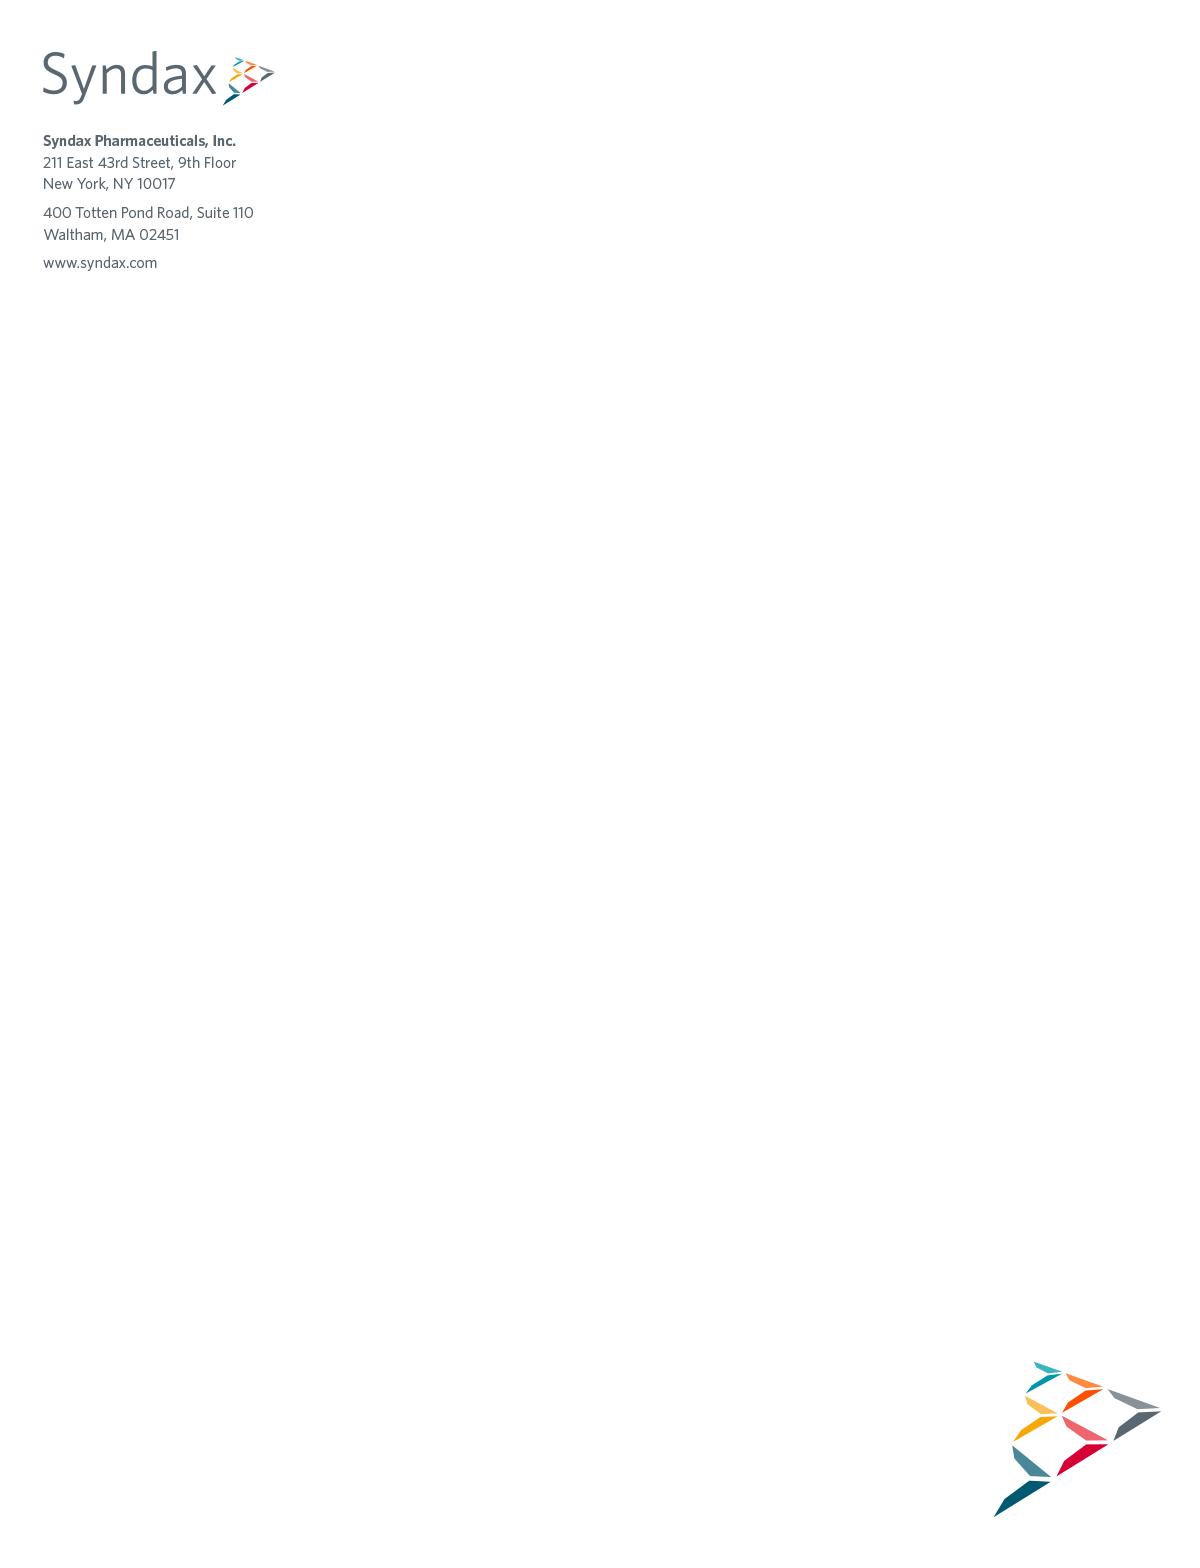 Syndax - Biotech Letterhead